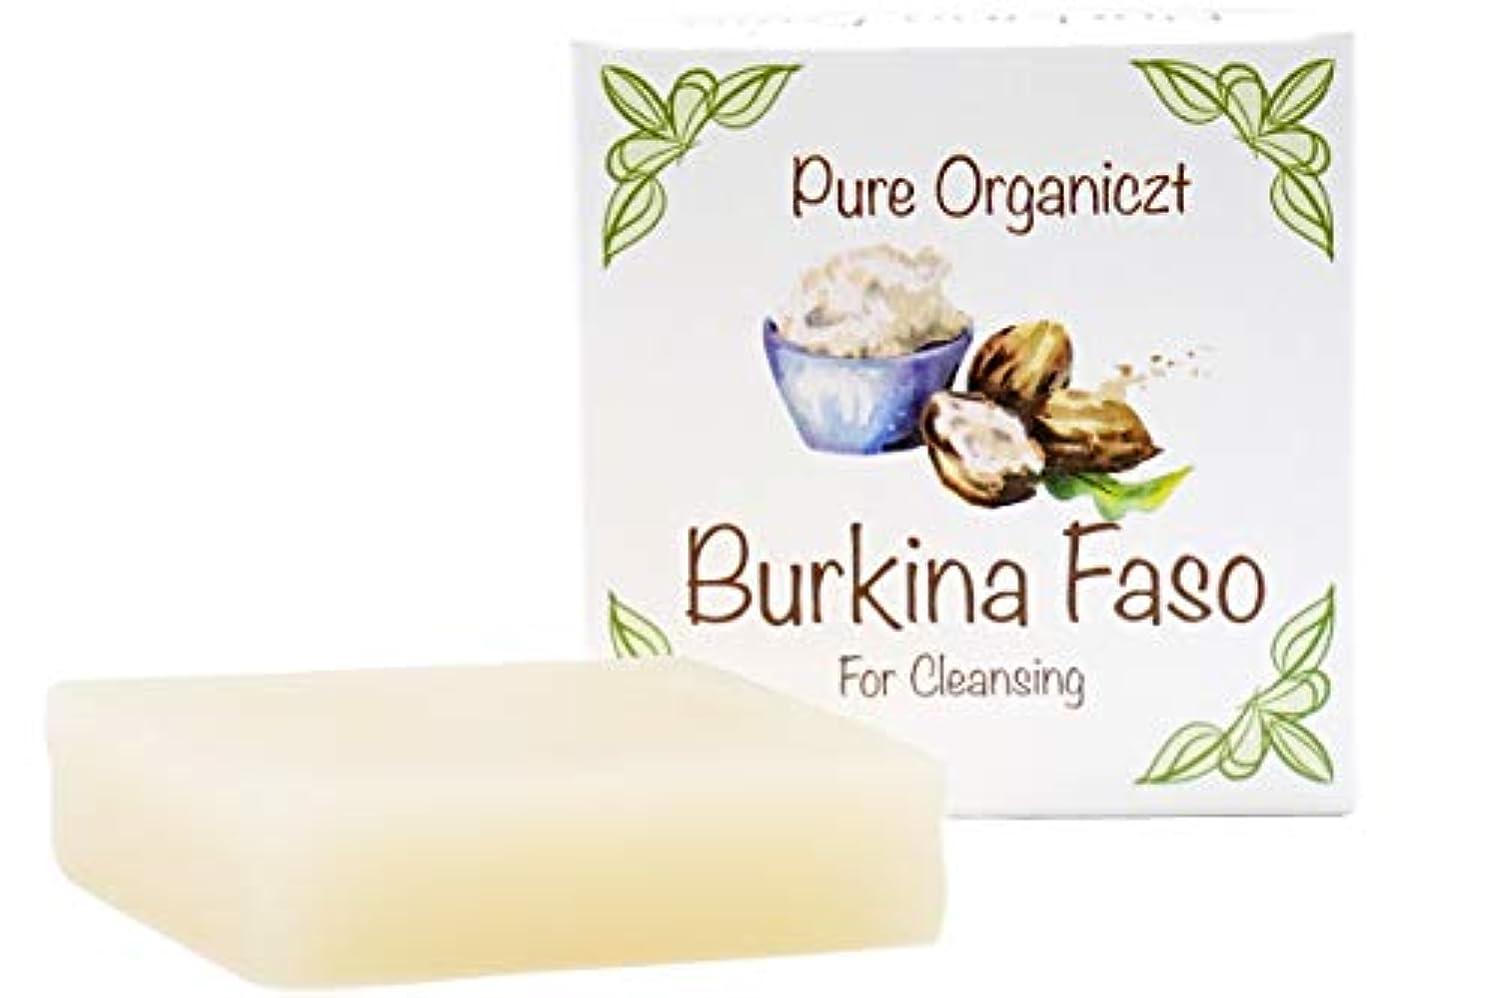 シアバター 洗顔用石鹸 Burkina Faso Pure Organiczt 『無添加?毛穴?美白?保湿』